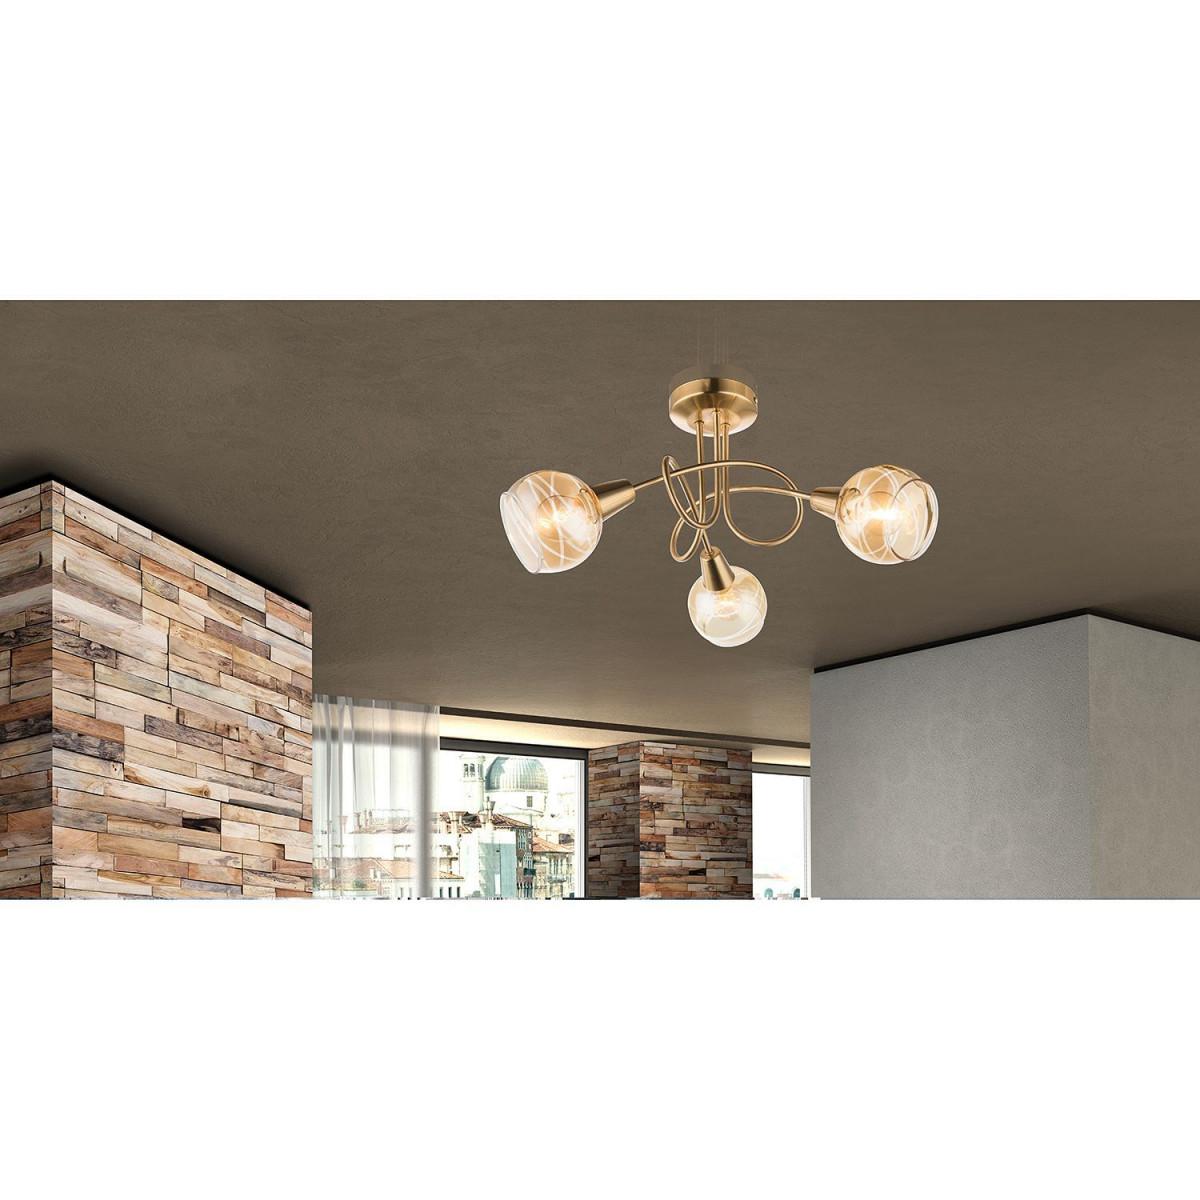 Esszimmer Lampe Industrie Look  Wohnzimmerlampen Messing von Deckenlampe Wohnzimmer Industrie Bild